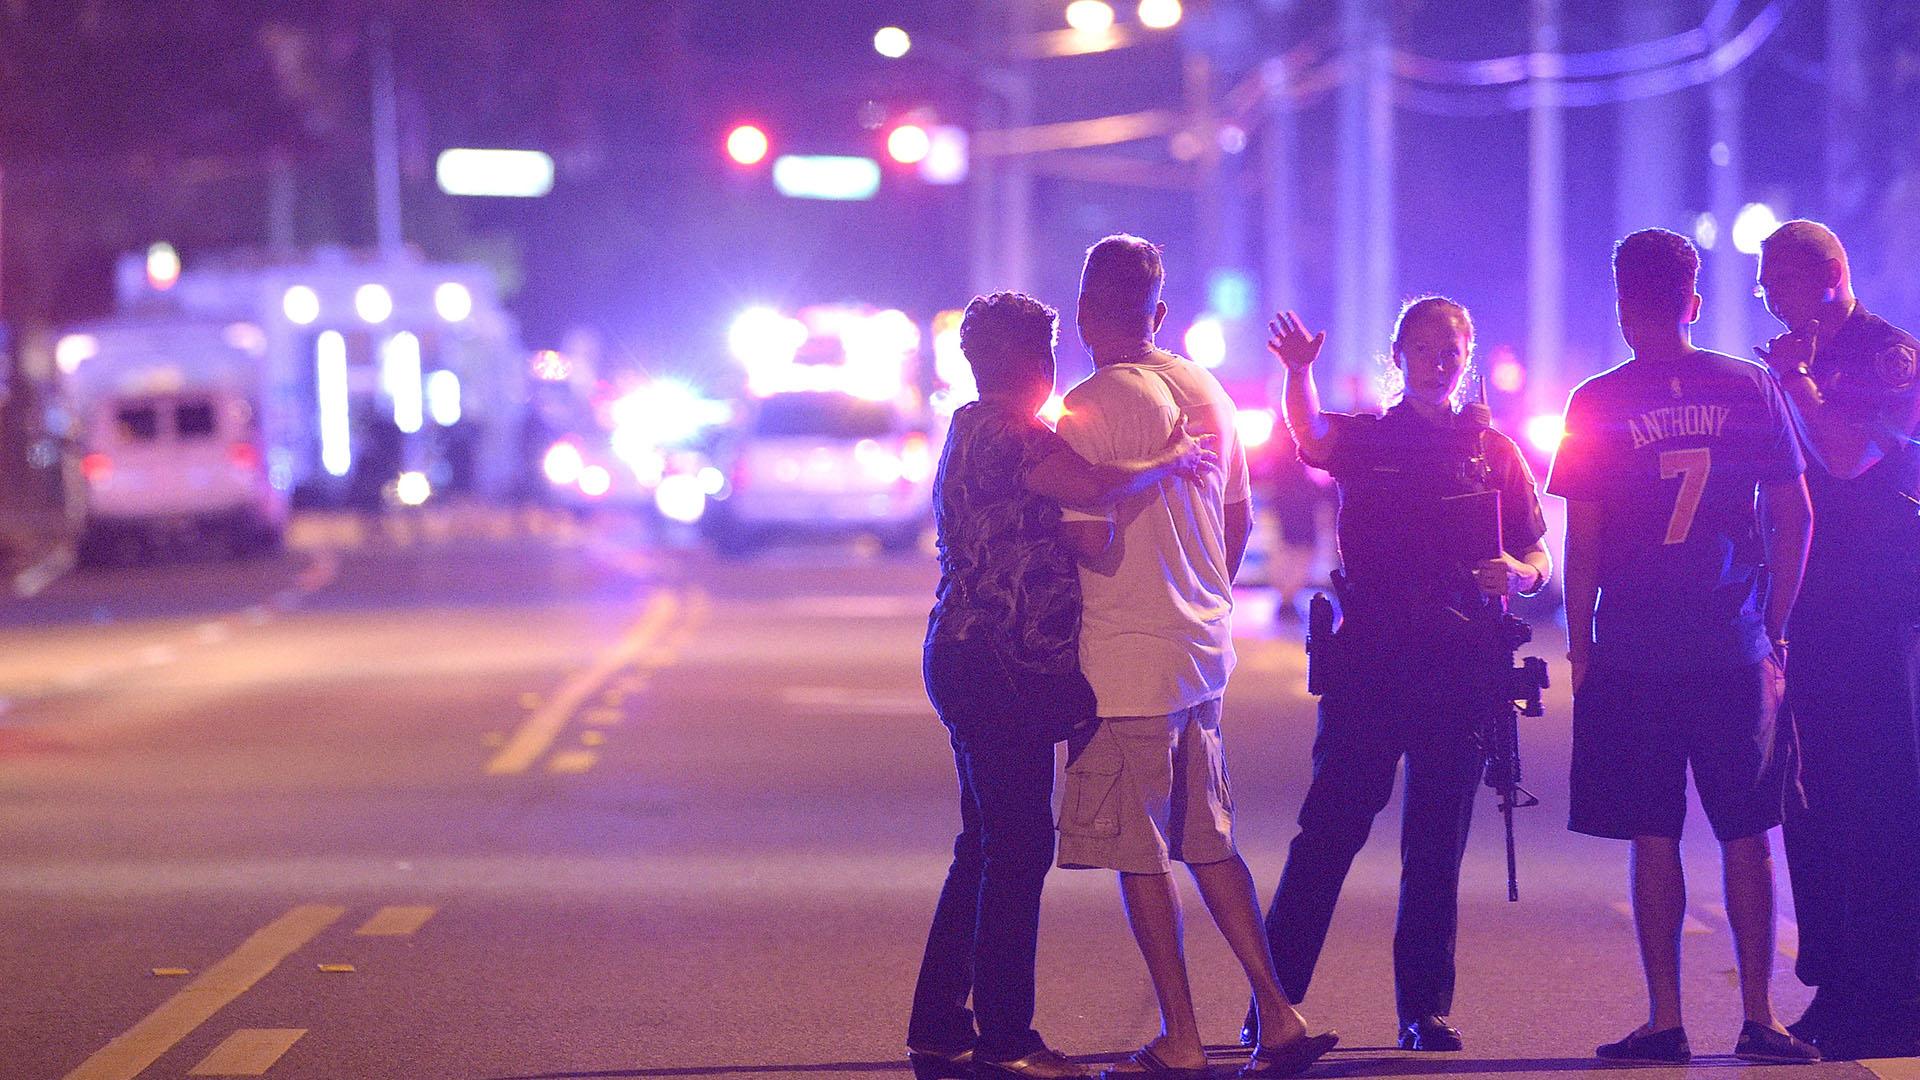 Agentes de policía informan y mantienen alejados a familiares de personas que anoche estaban en el club Pulse. (AP Photo/Phelan M. Ebenhack)